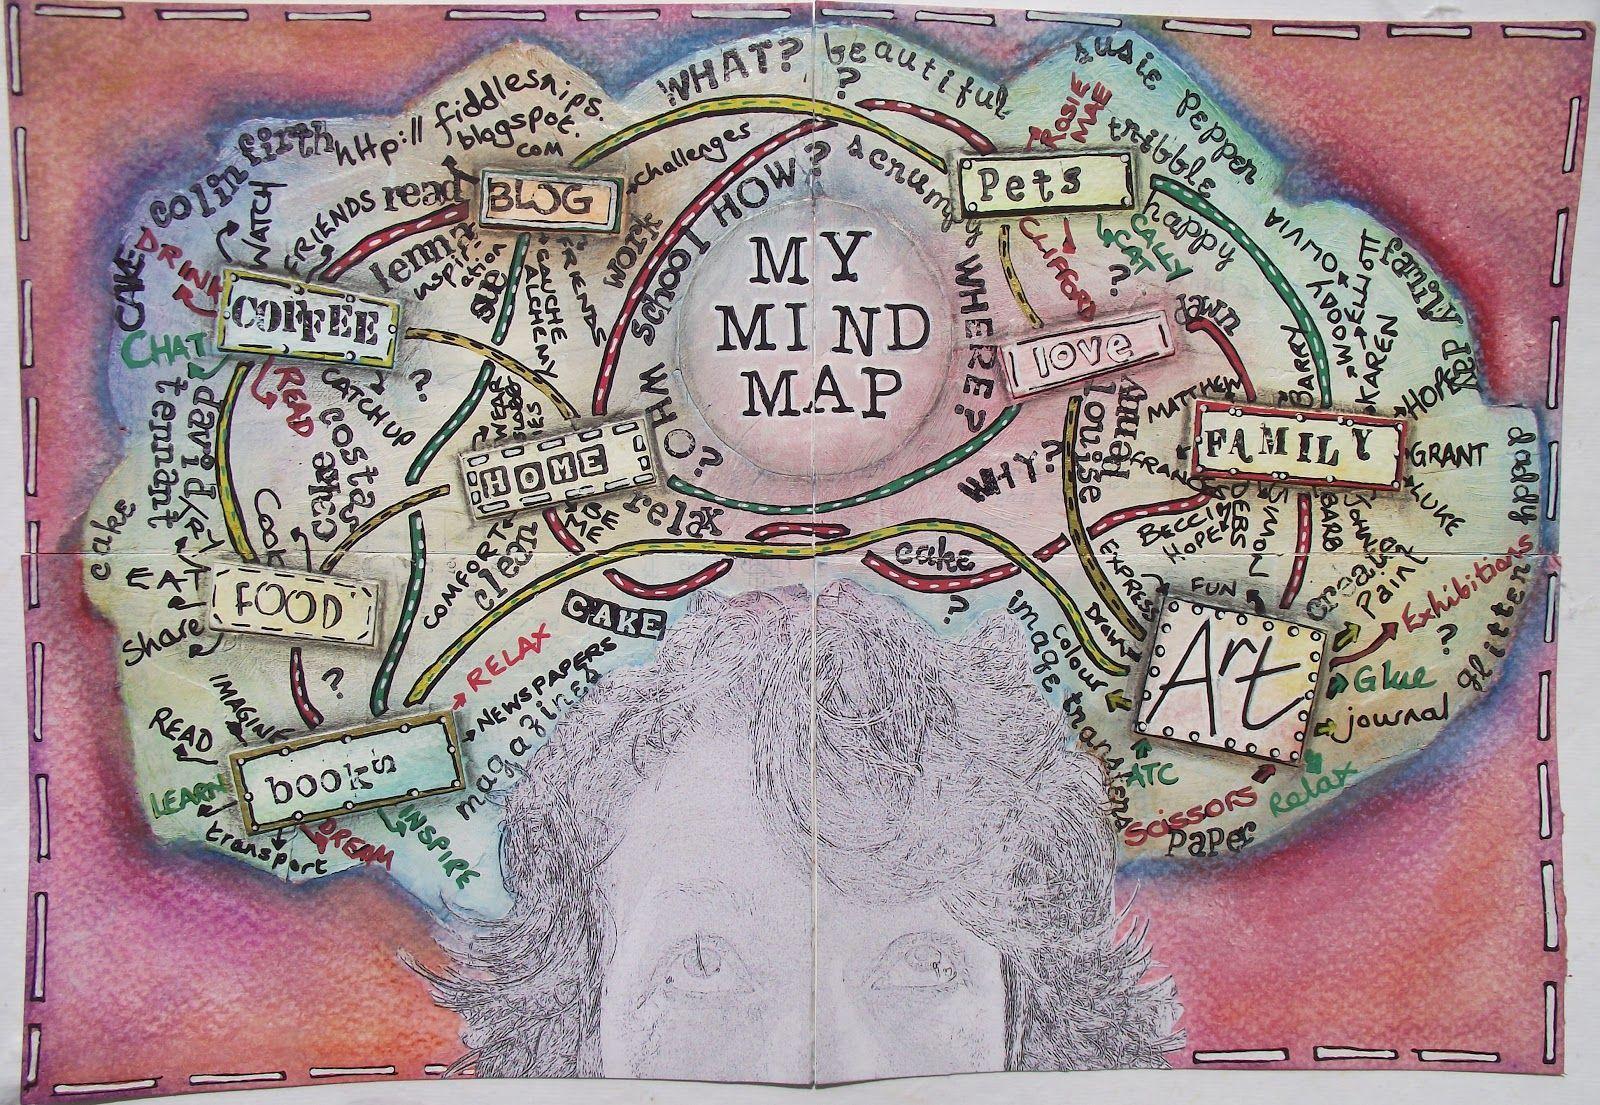 My Mind Map Mind Map Art Creative Mind Map Sketch Book